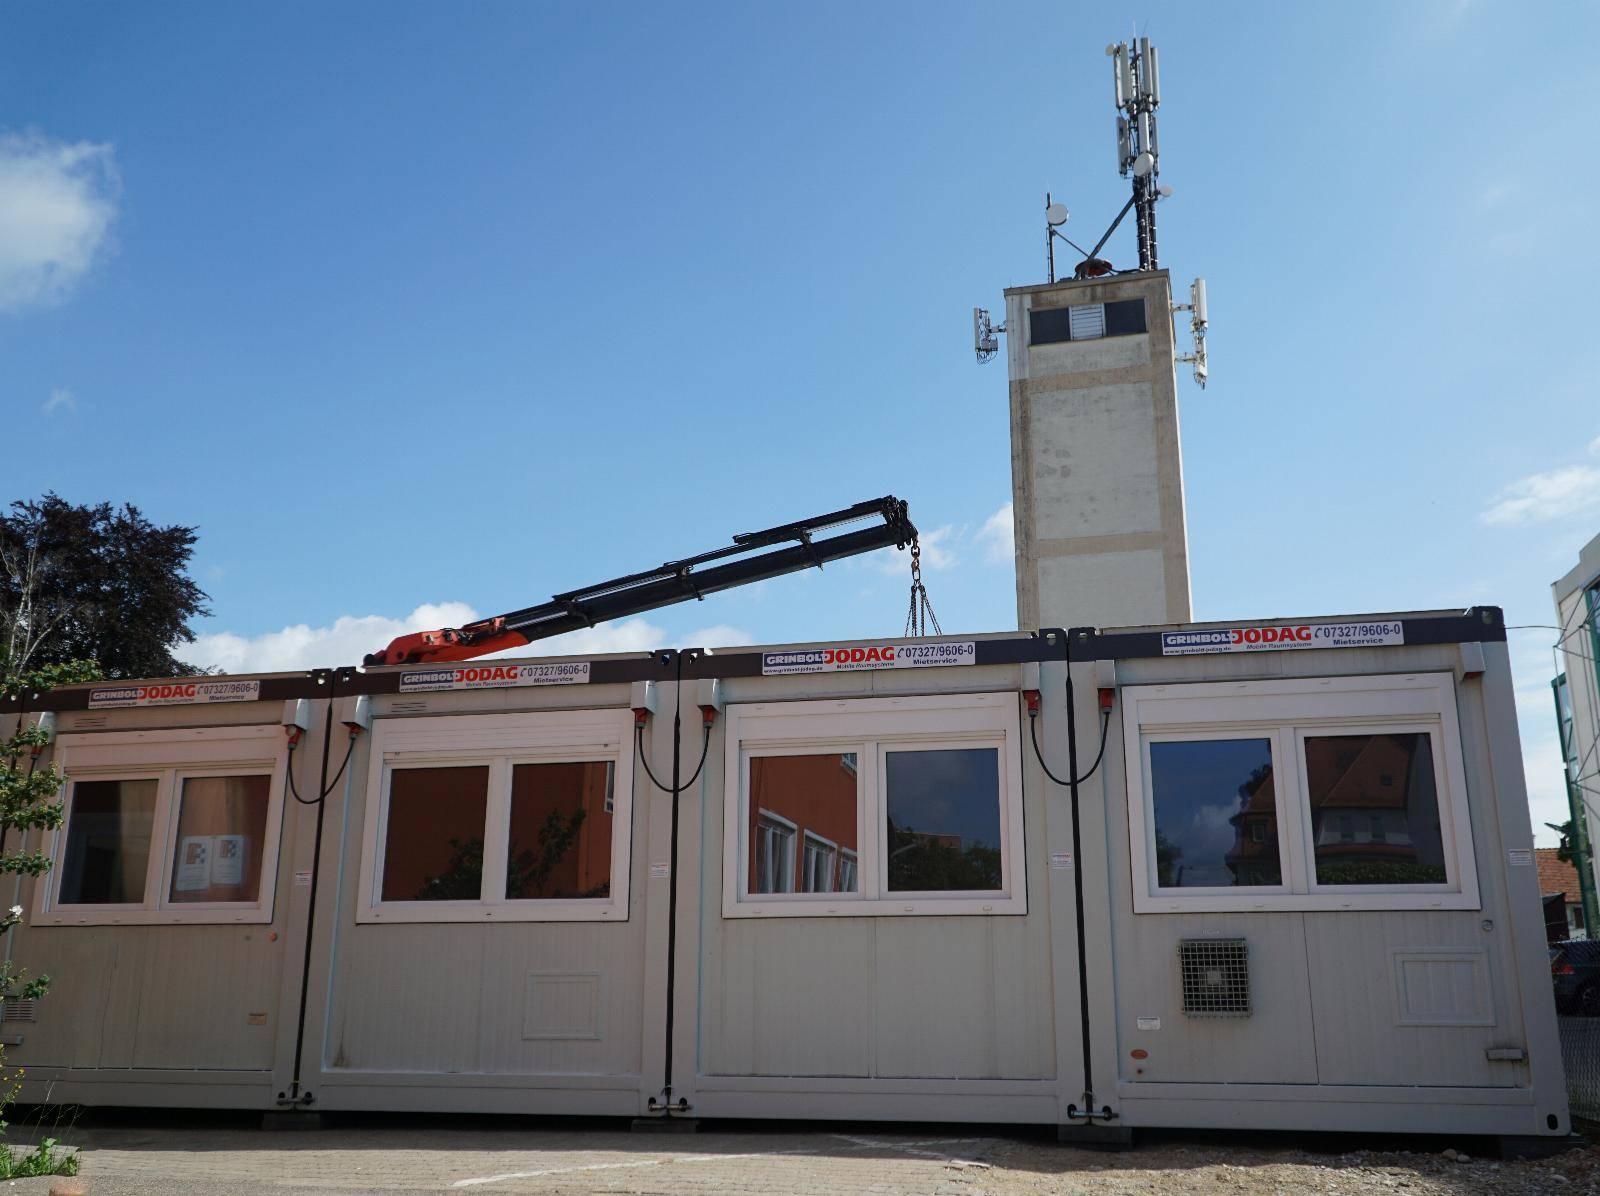 Feuerwehr Günzburg - Neue Feuerwache